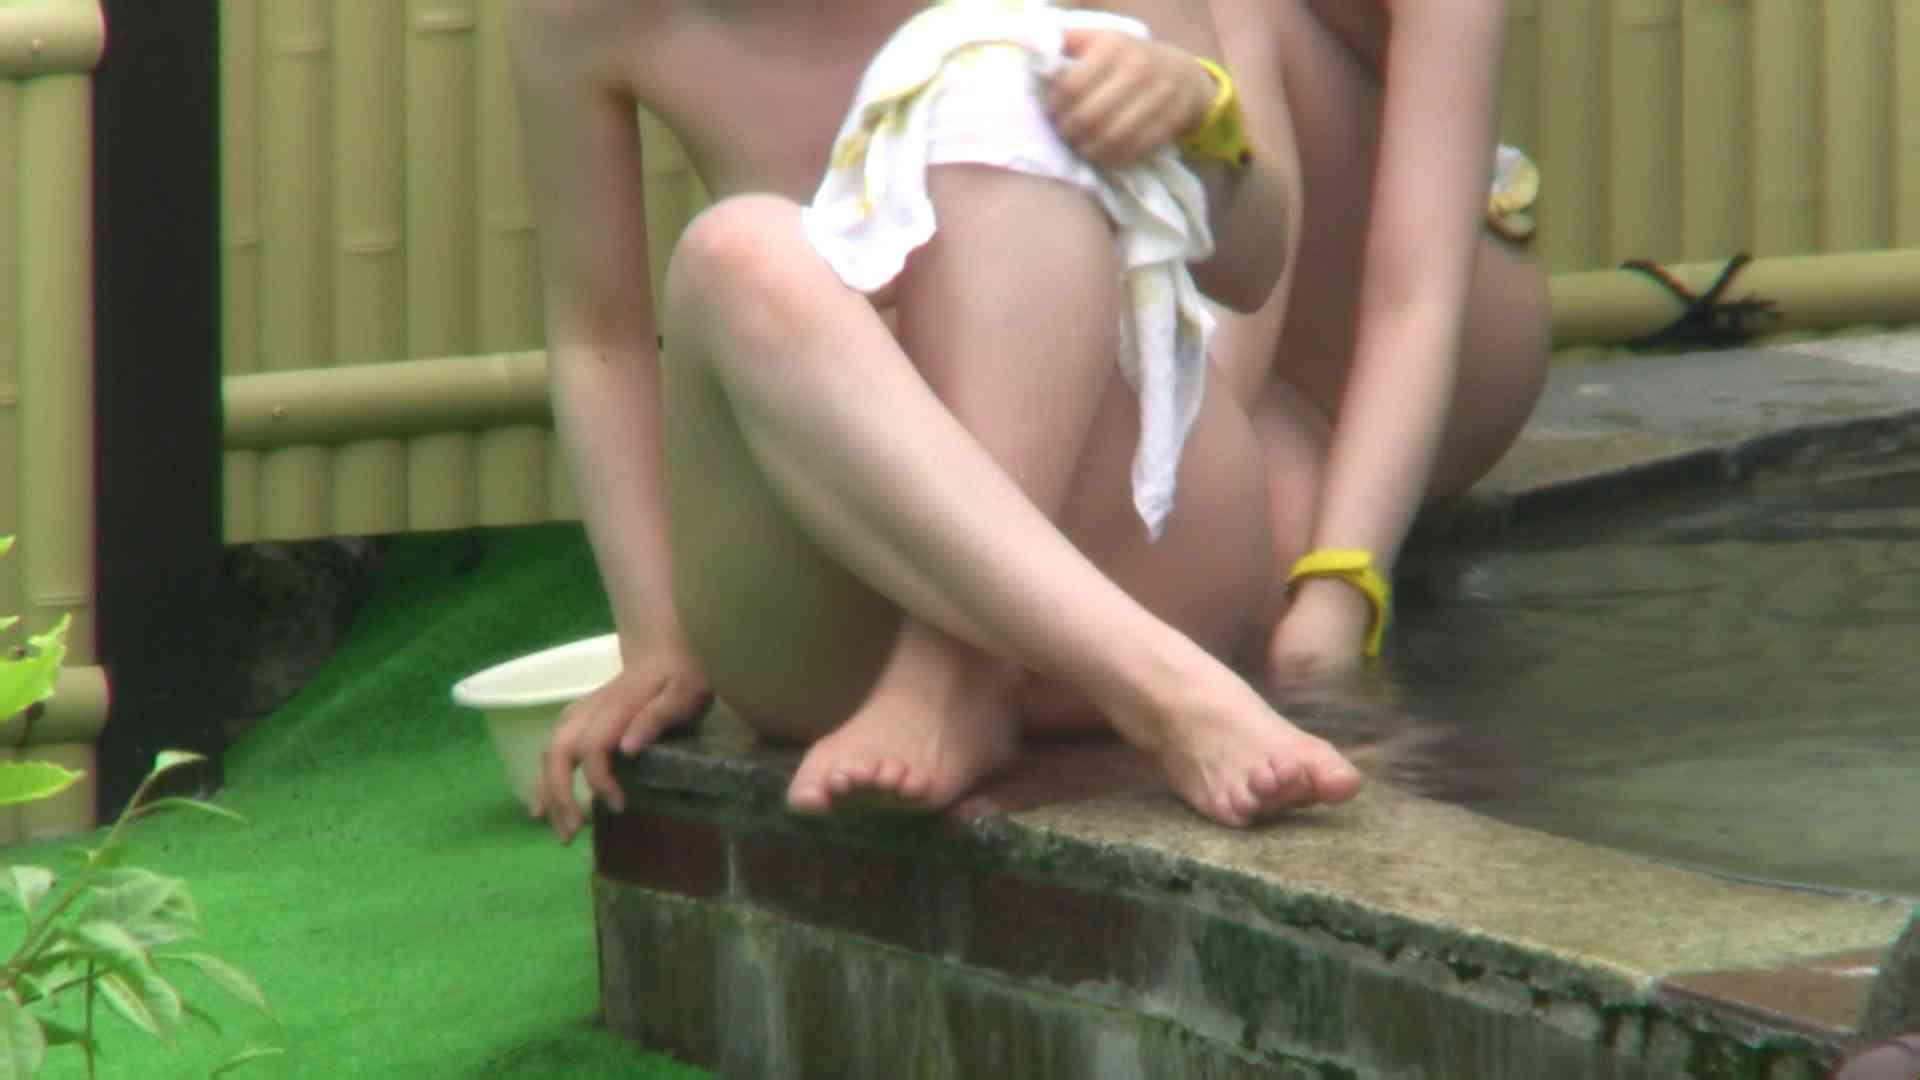 Aquaな露天風呂Vol.65【VIP限定】 盗撮 | 露天風呂  78連発 67